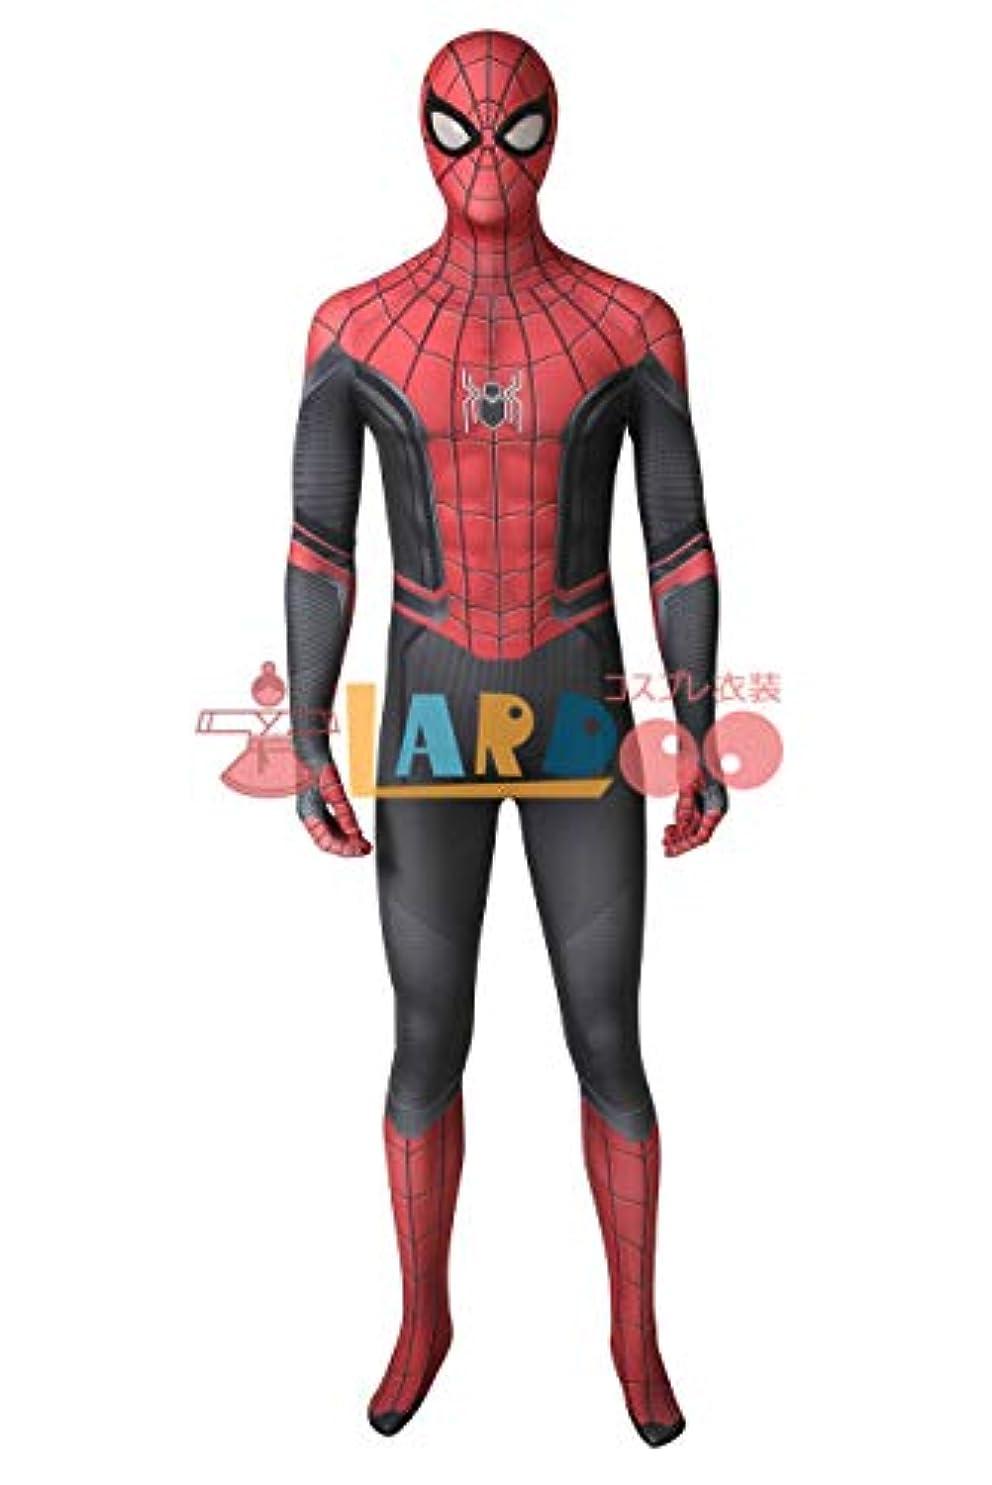 説教冒険ストライドスパイダーマン:ファー・フロム・ホーム Spider-Man: Far From Home 2019 ピーター・パーカー/スパイダーマン コスプレ衣装 コスチューム 映画 cosplay